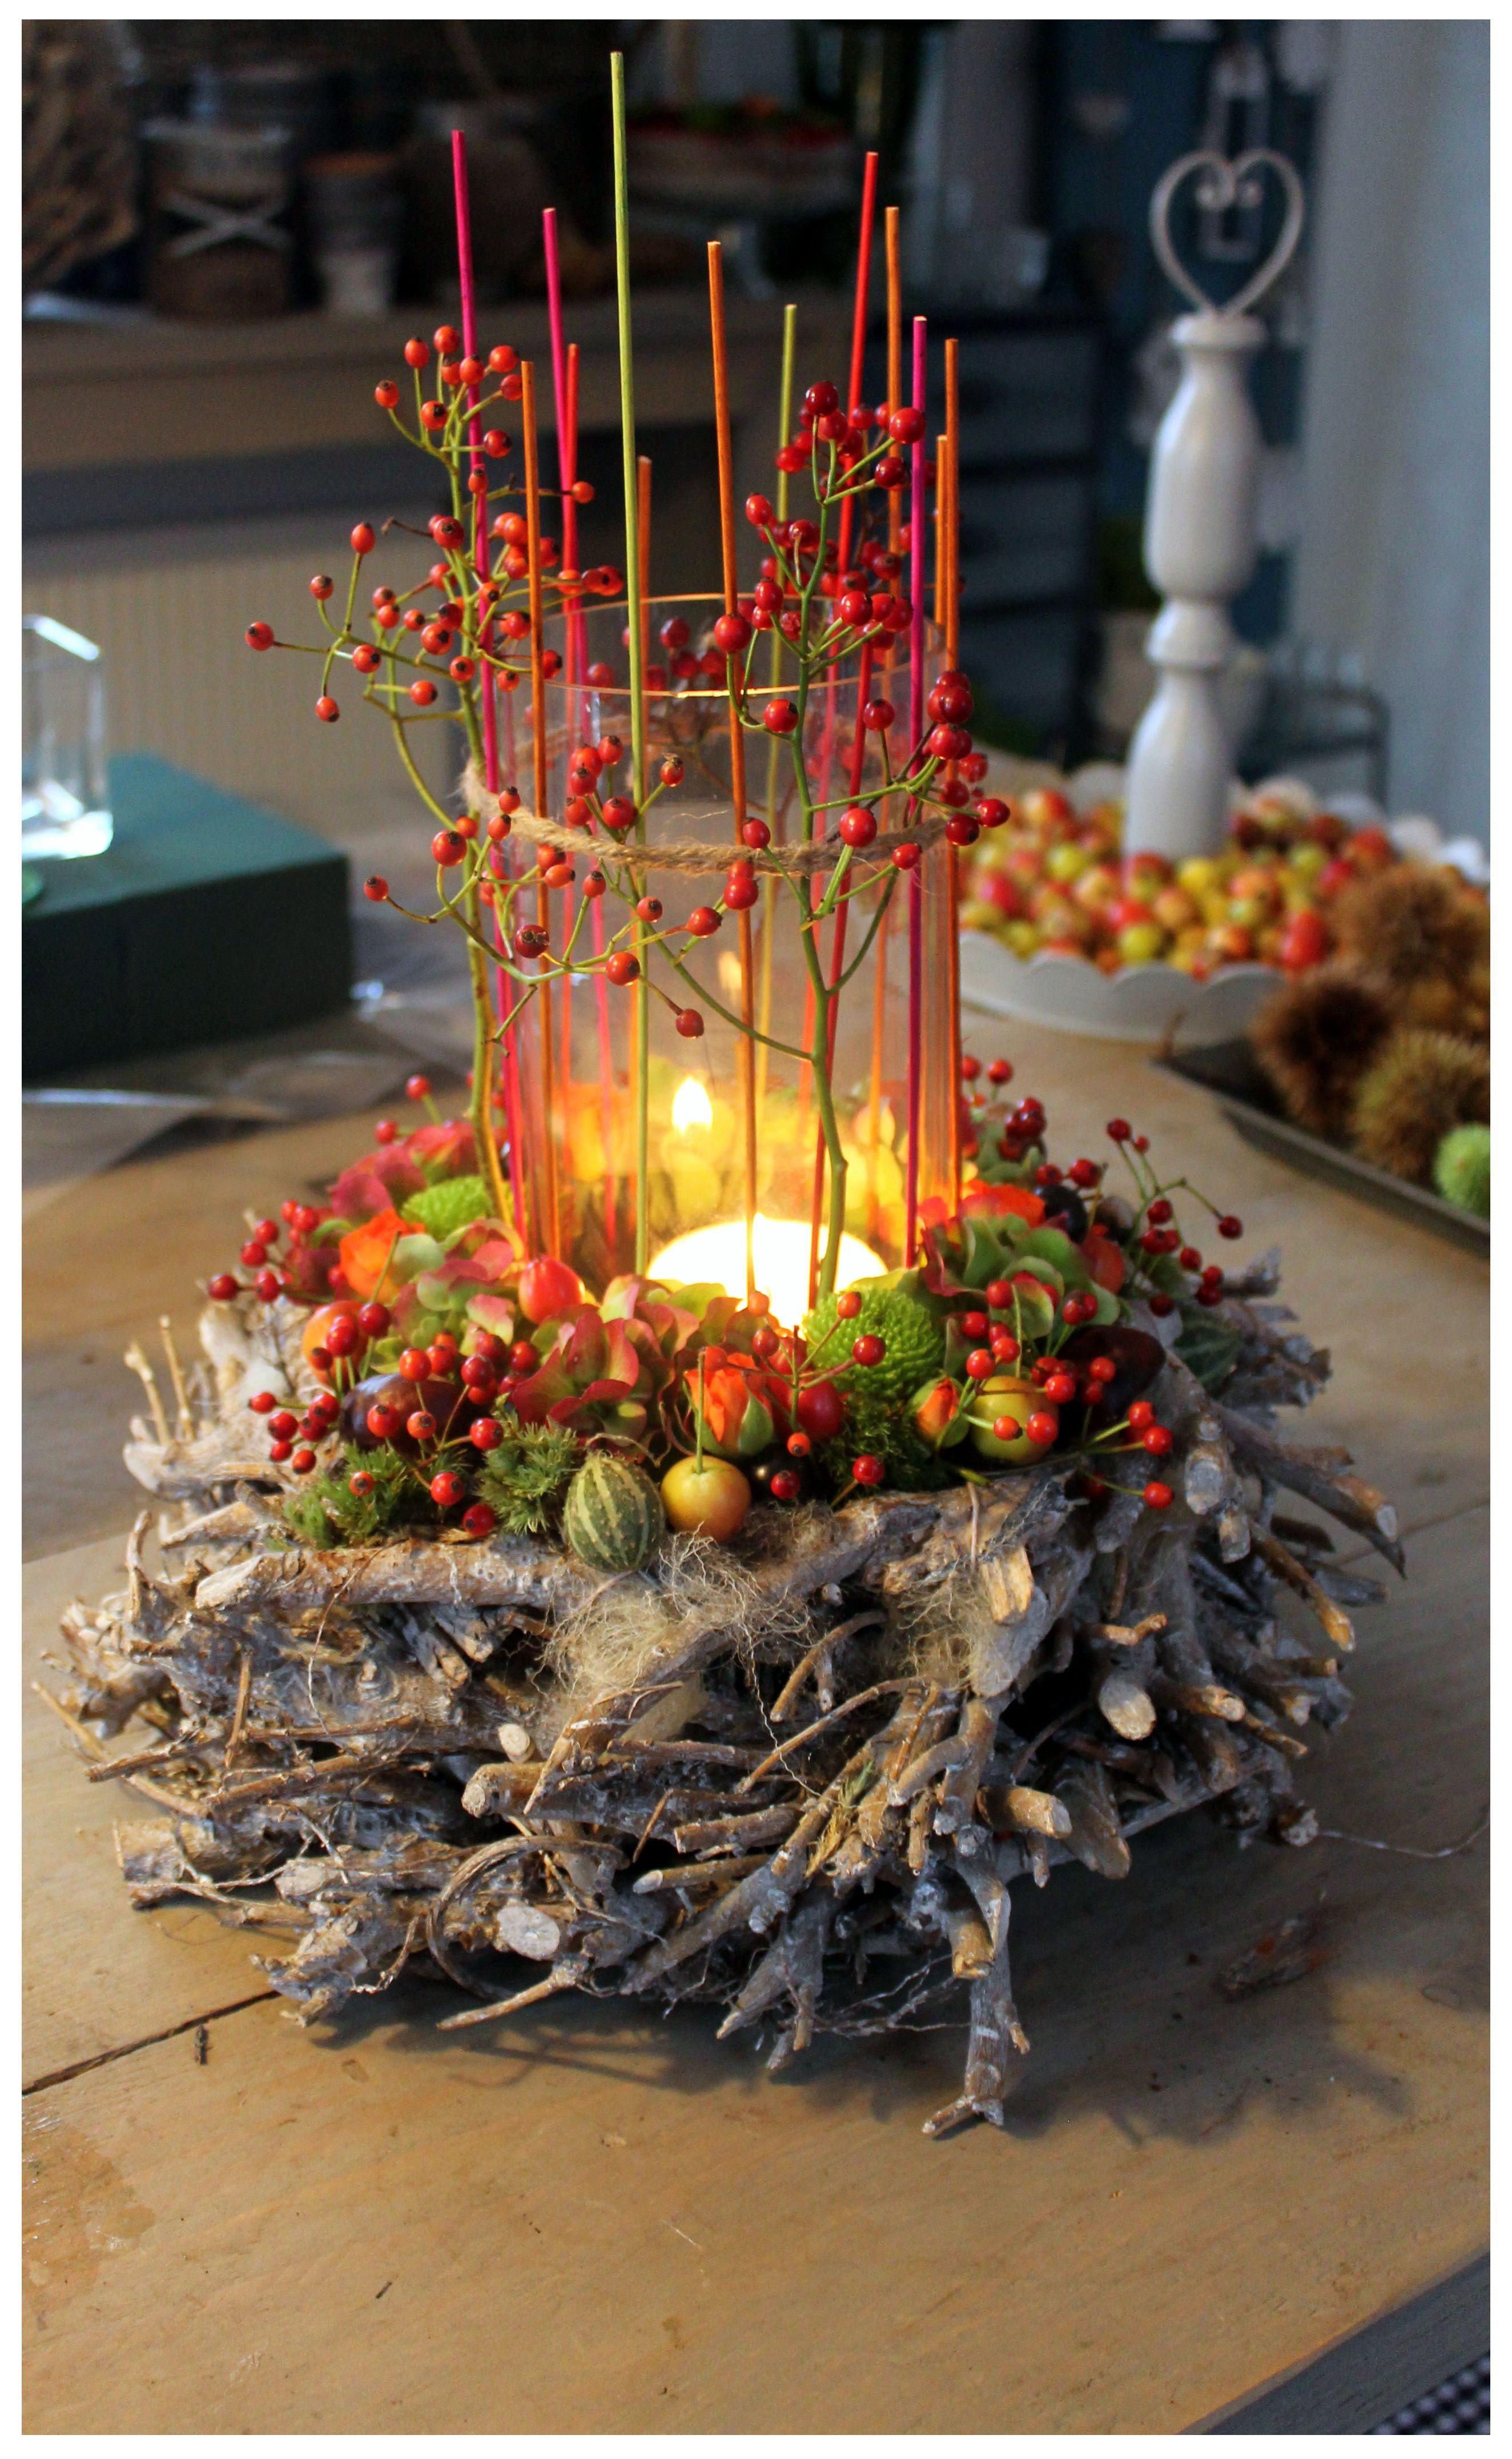 Herbst- und Adventskranz